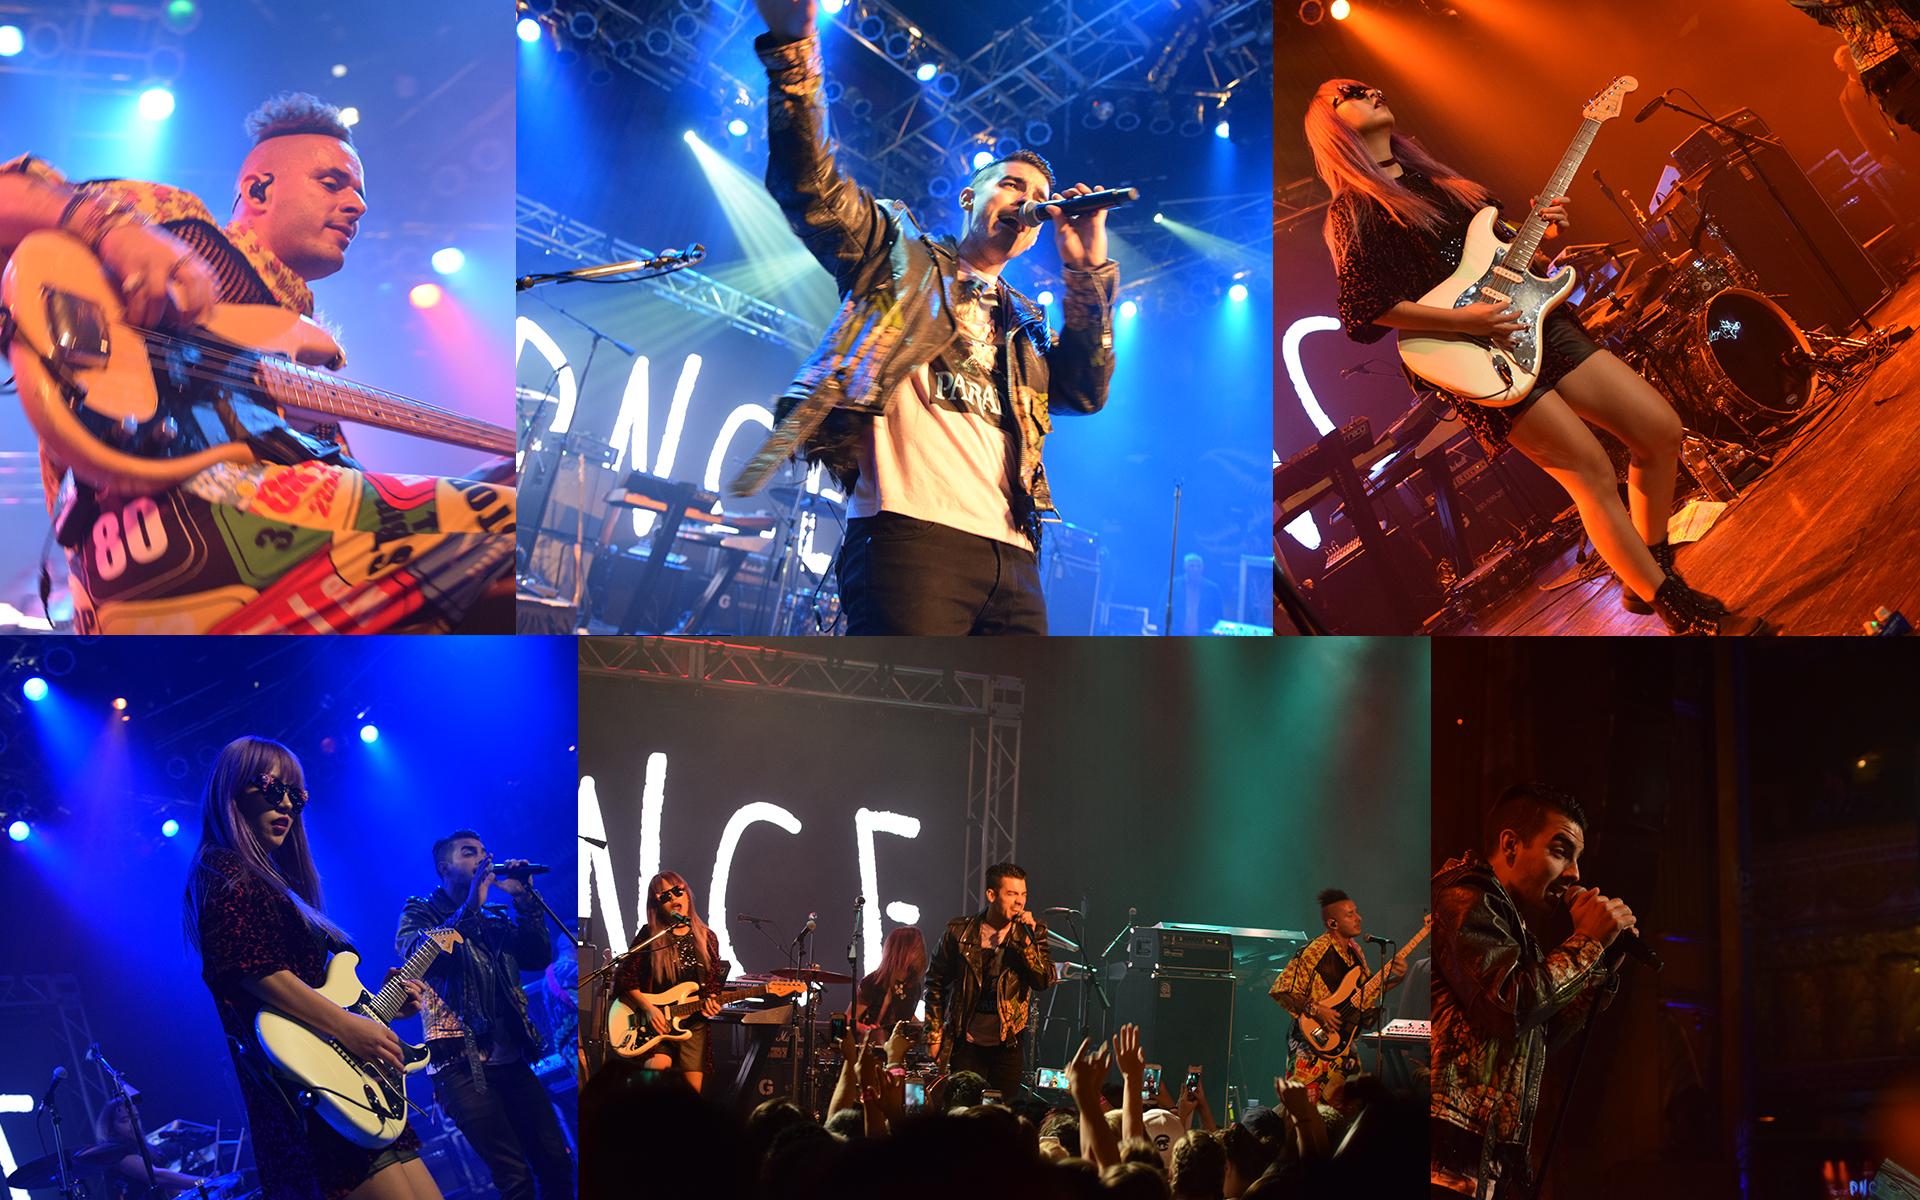 concert_grid